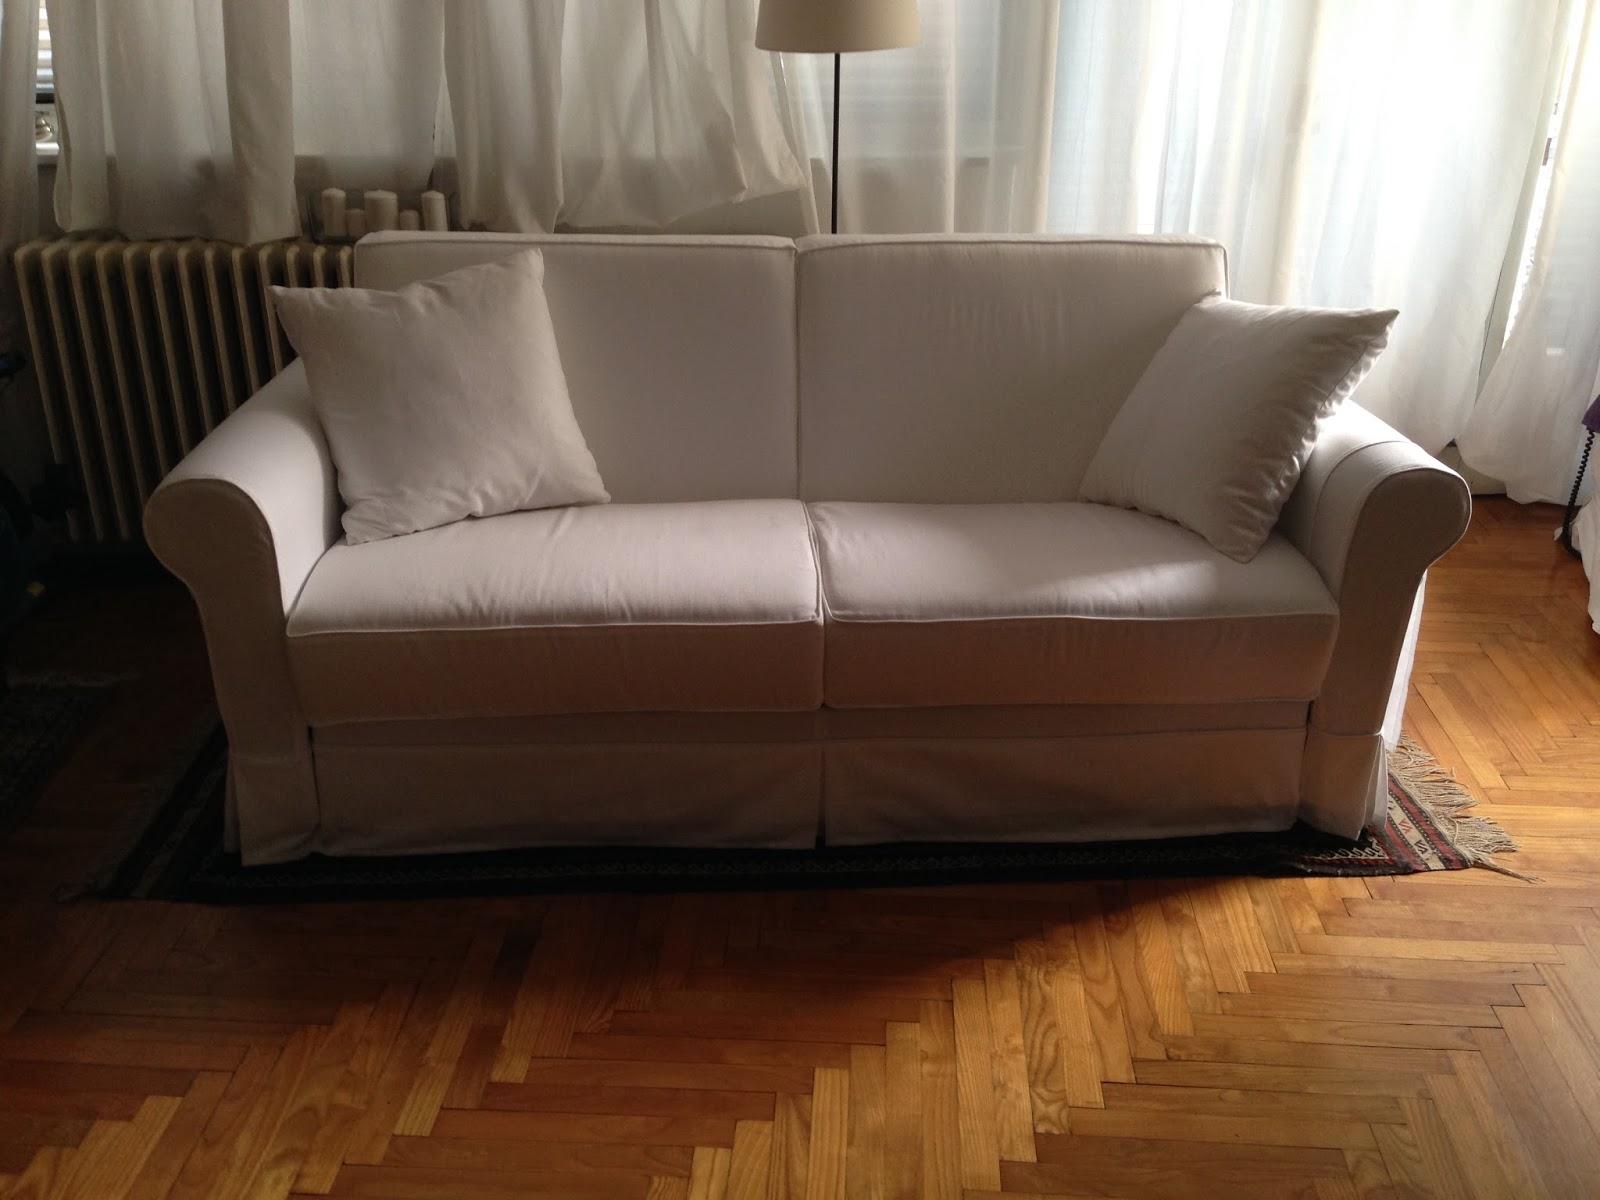 vendita divani letto lissone monza e brianza milano